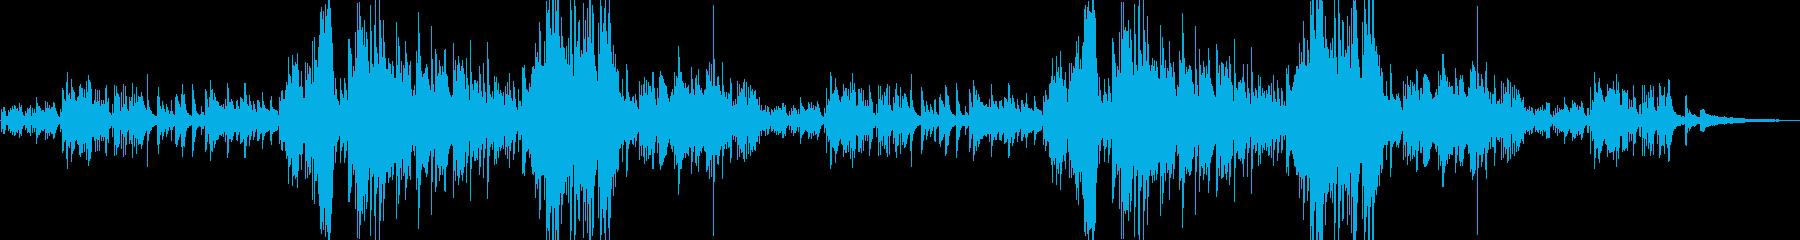 美しき癒しのピアノソロバラードの再生済みの波形